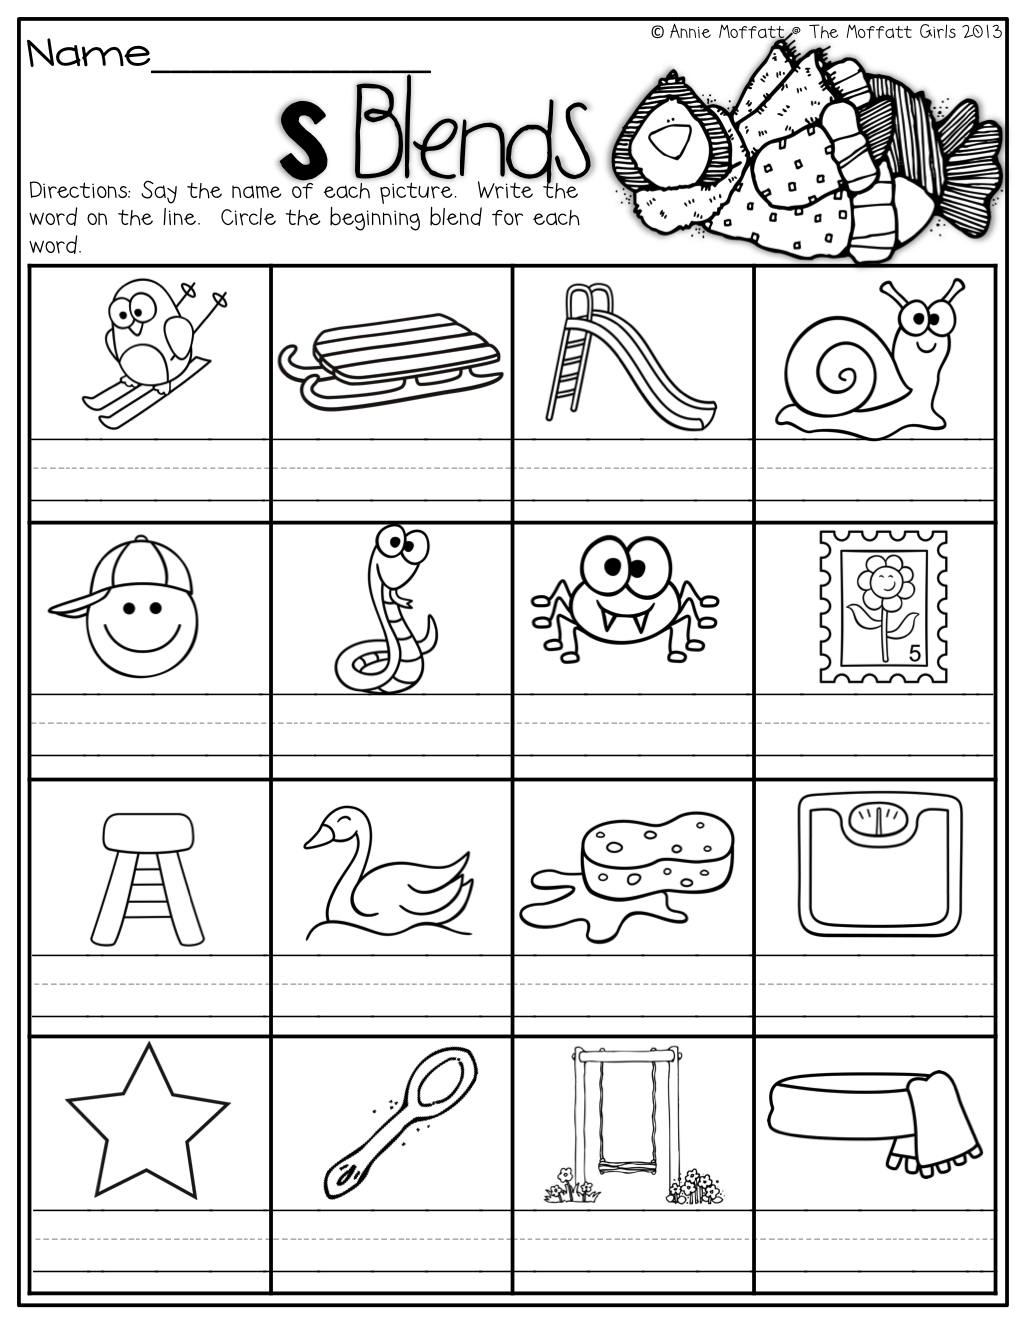 The Moffatt Girls: Winter Math and Literacy Packet (First Grade)   Blends  worksheets [ 1325 x 1024 Pixel ]